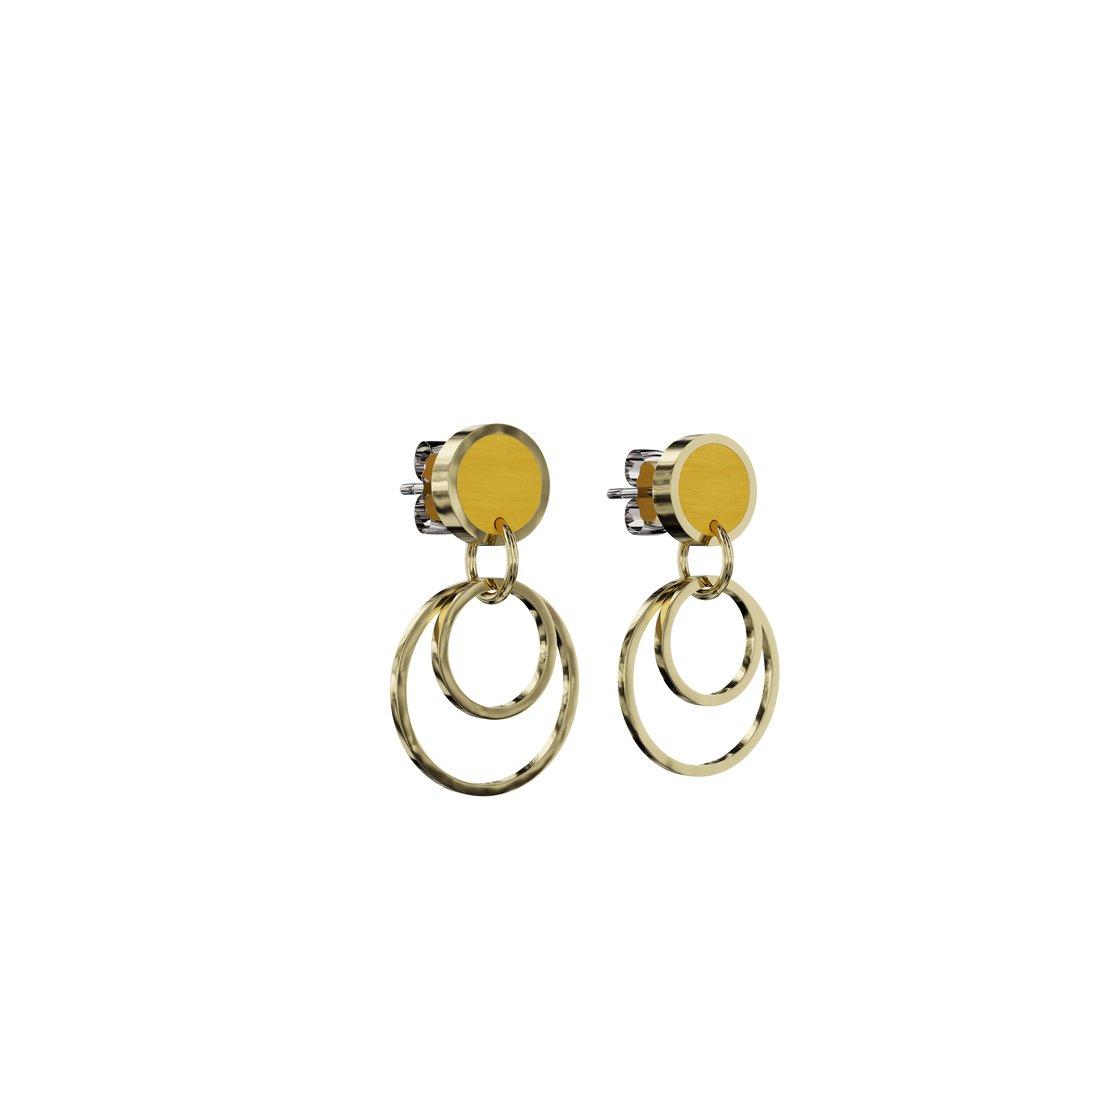 Gule øreringe i træ med guldringe. Laser afskårne håndmalede ørestikker med guldcirkler.